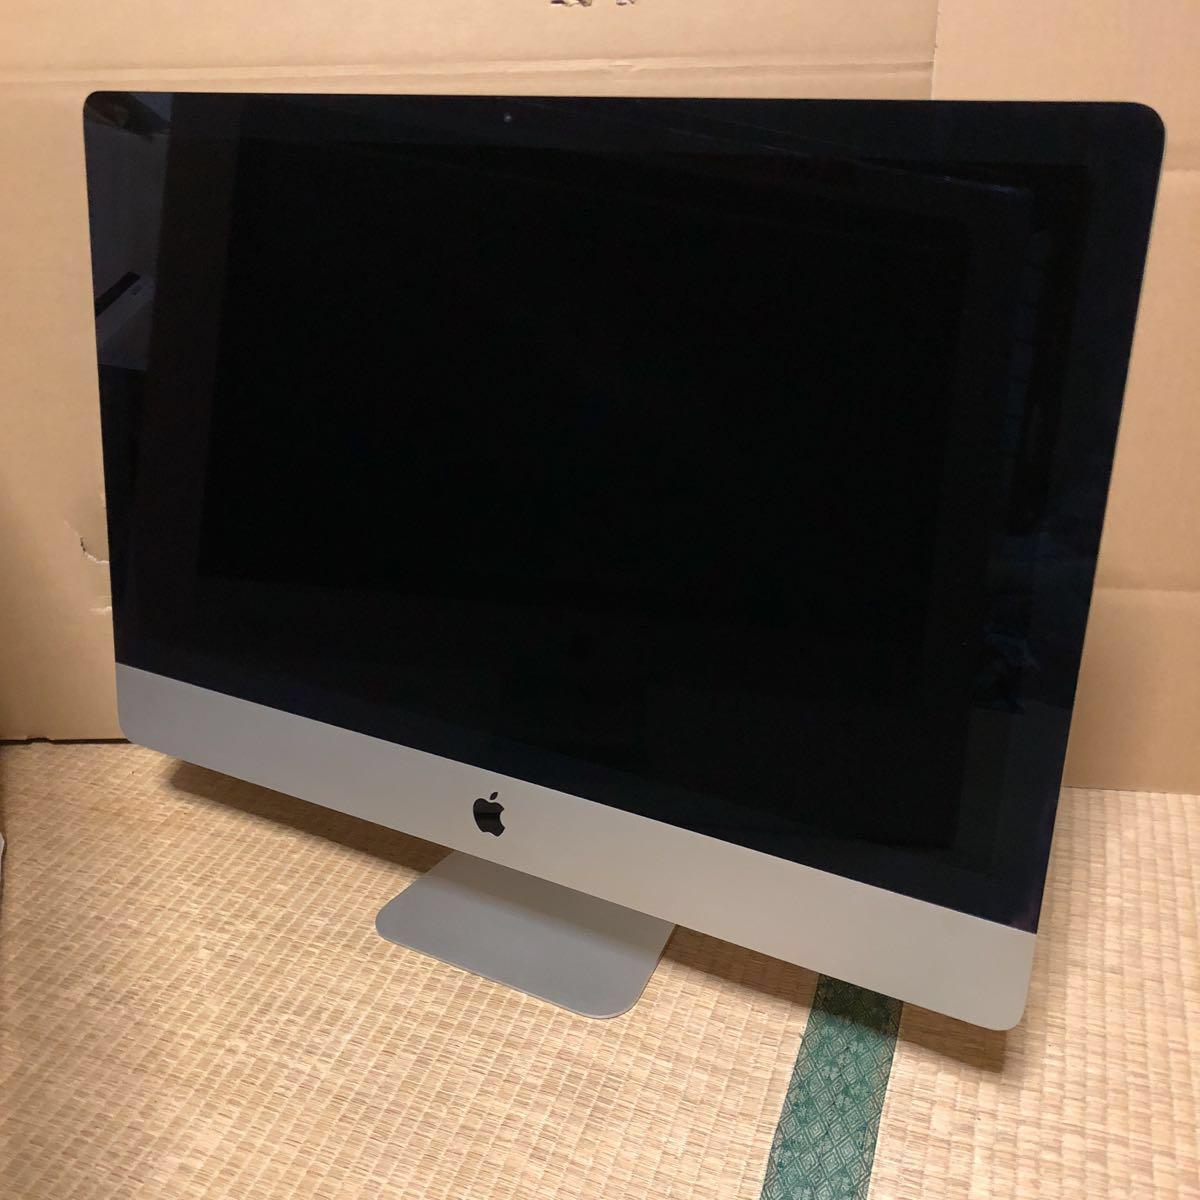 【中古】Apple iMac 27-inch,Late 2013/Core i5 3.4GHz/メモリ16GB/SSD256GB/GTX780M 4GB【送料無料】